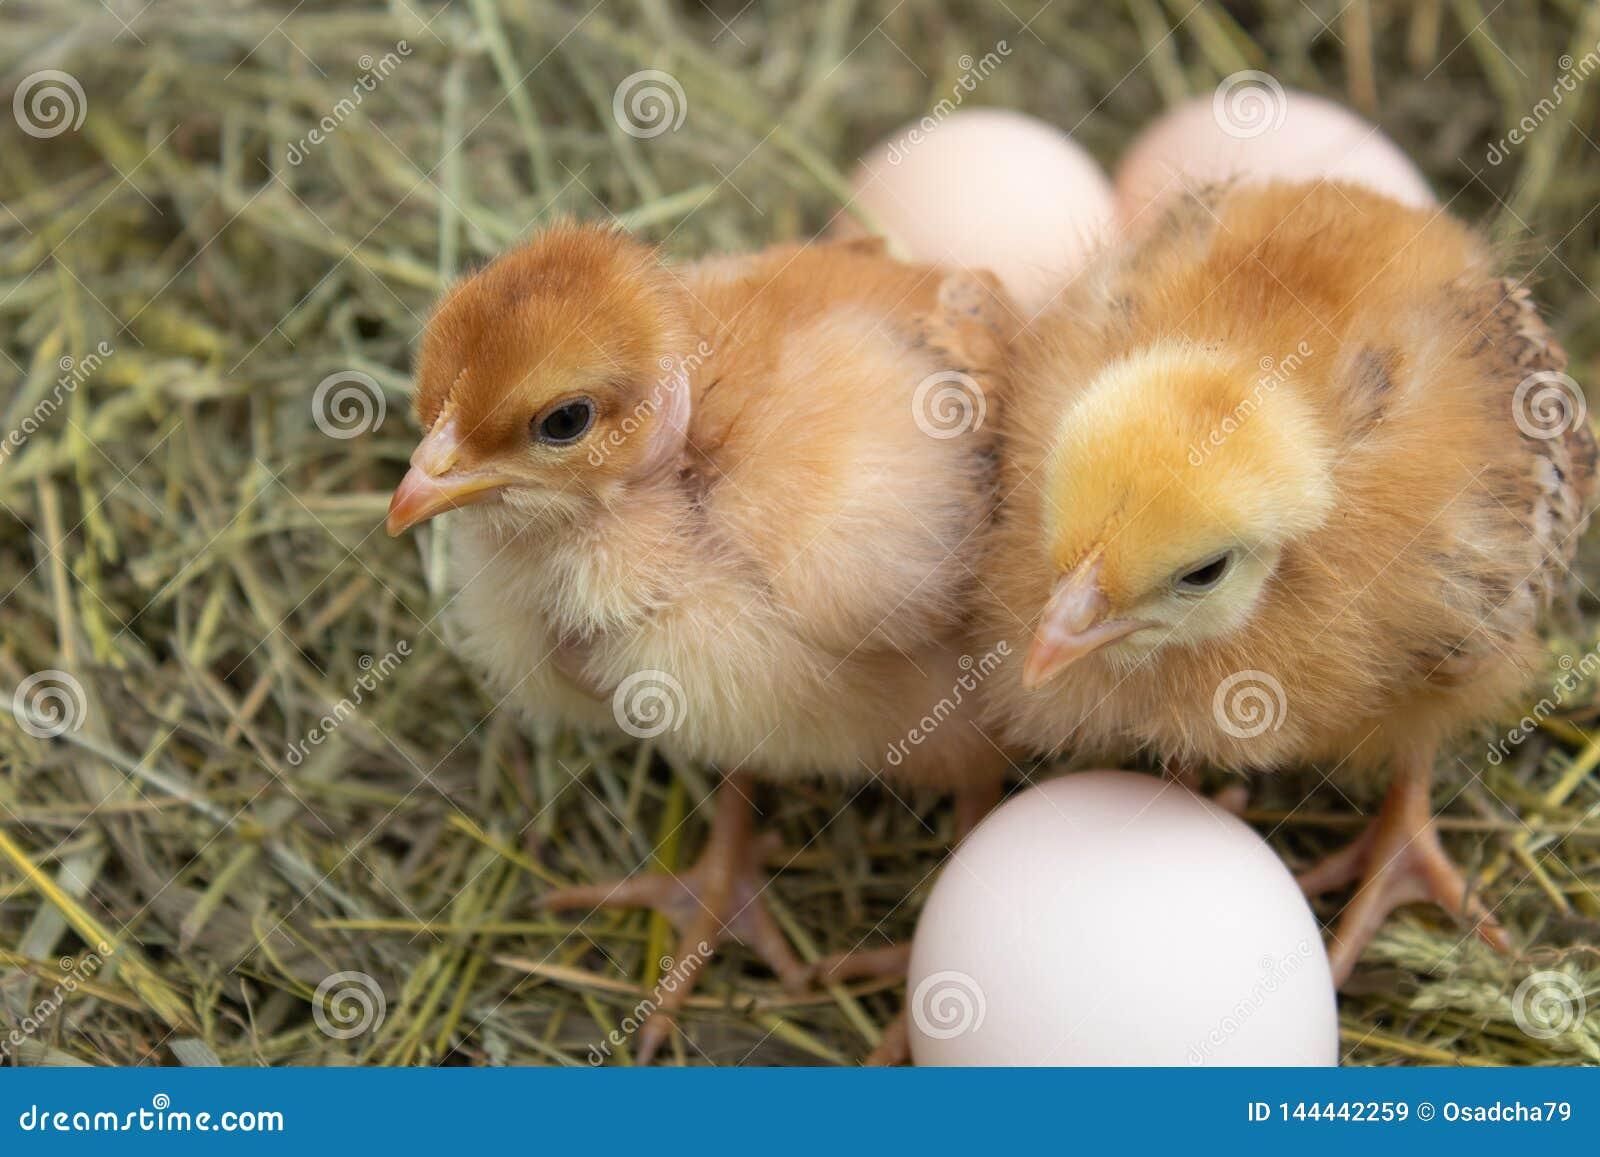 Mooi weinig kip, eieren en eierschaal in nest Pasgeboren kuikens op kippenlandbouwbedrijf